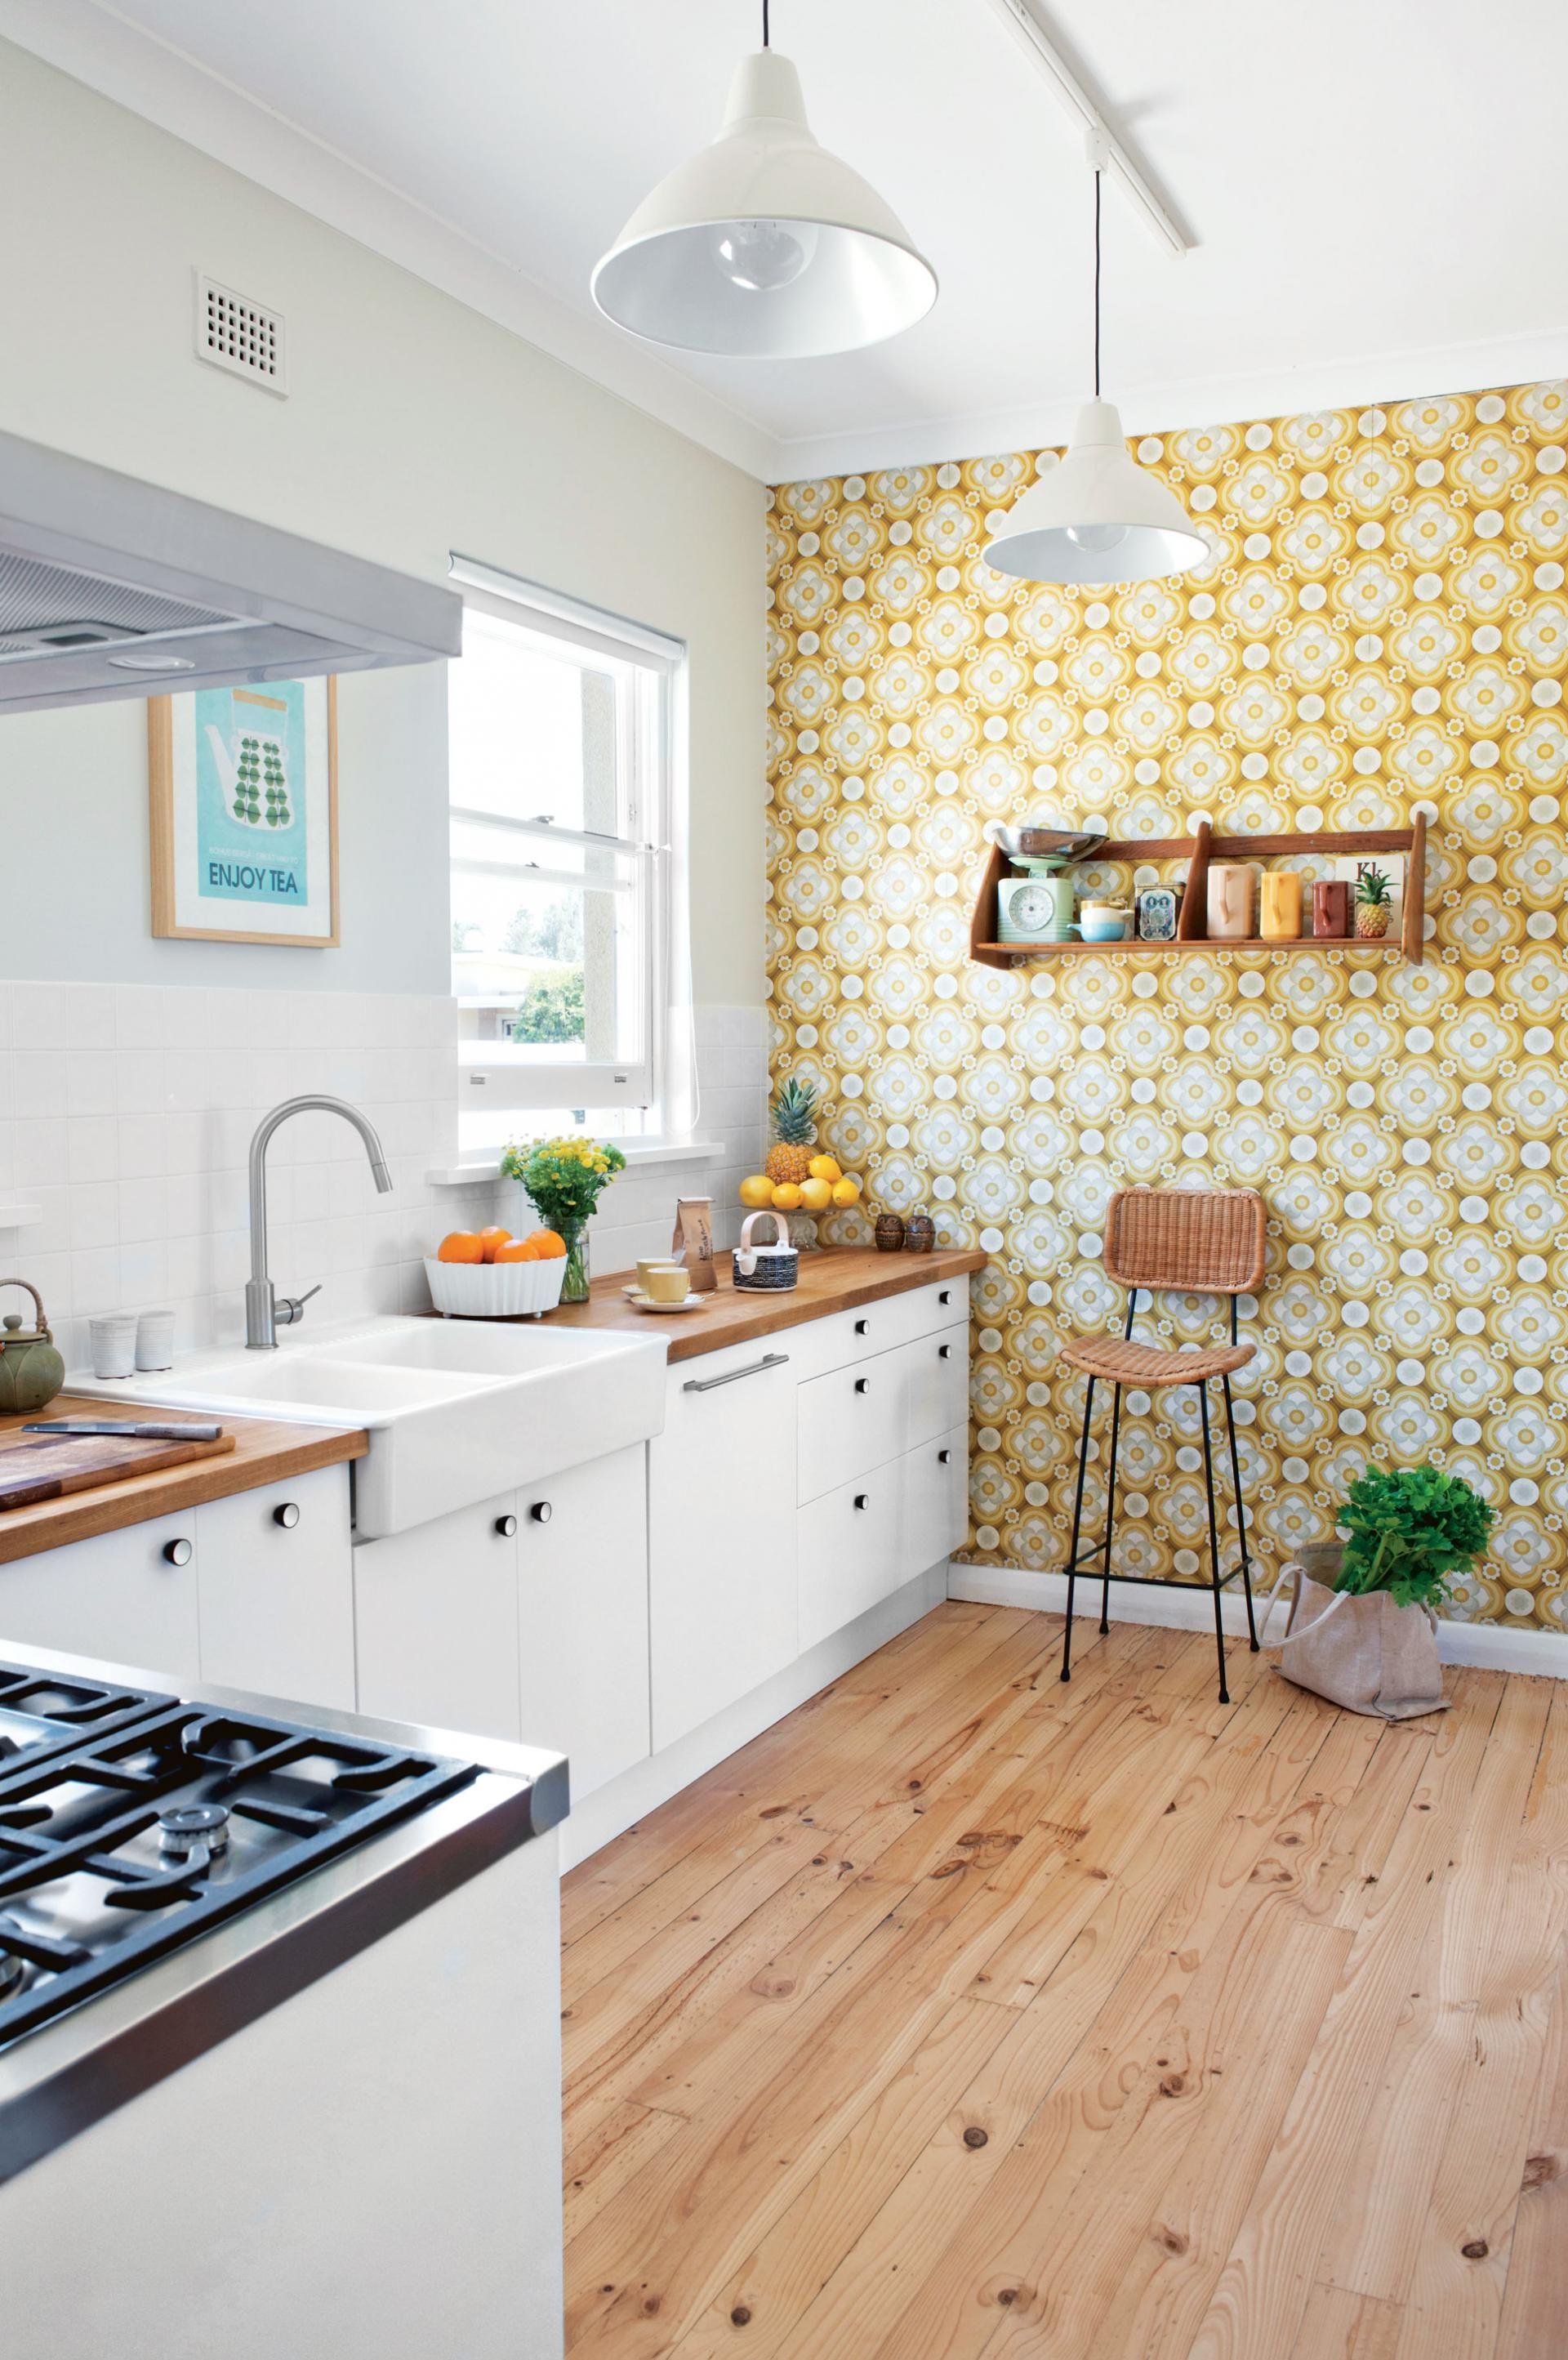 Kitchen Wallpaper Accent Wall 1920x2889 Wallpaper Teahub Io